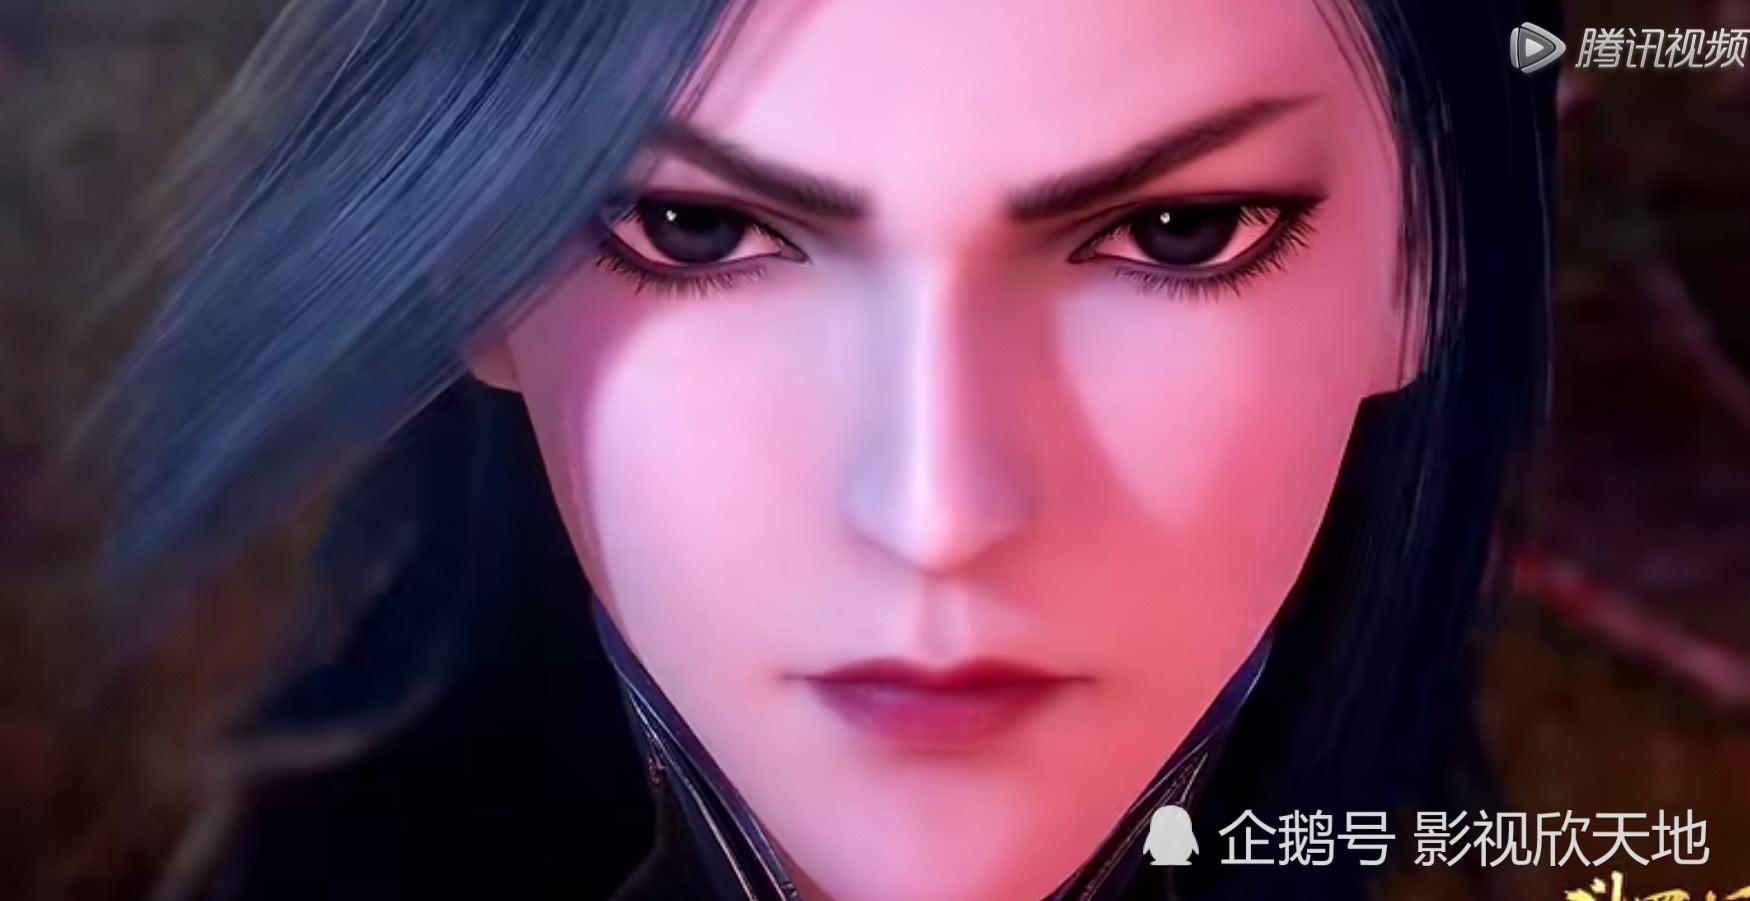 柳二龙实力到底有多强当她释放第七魂技的那一刻,唐三都傻眼了